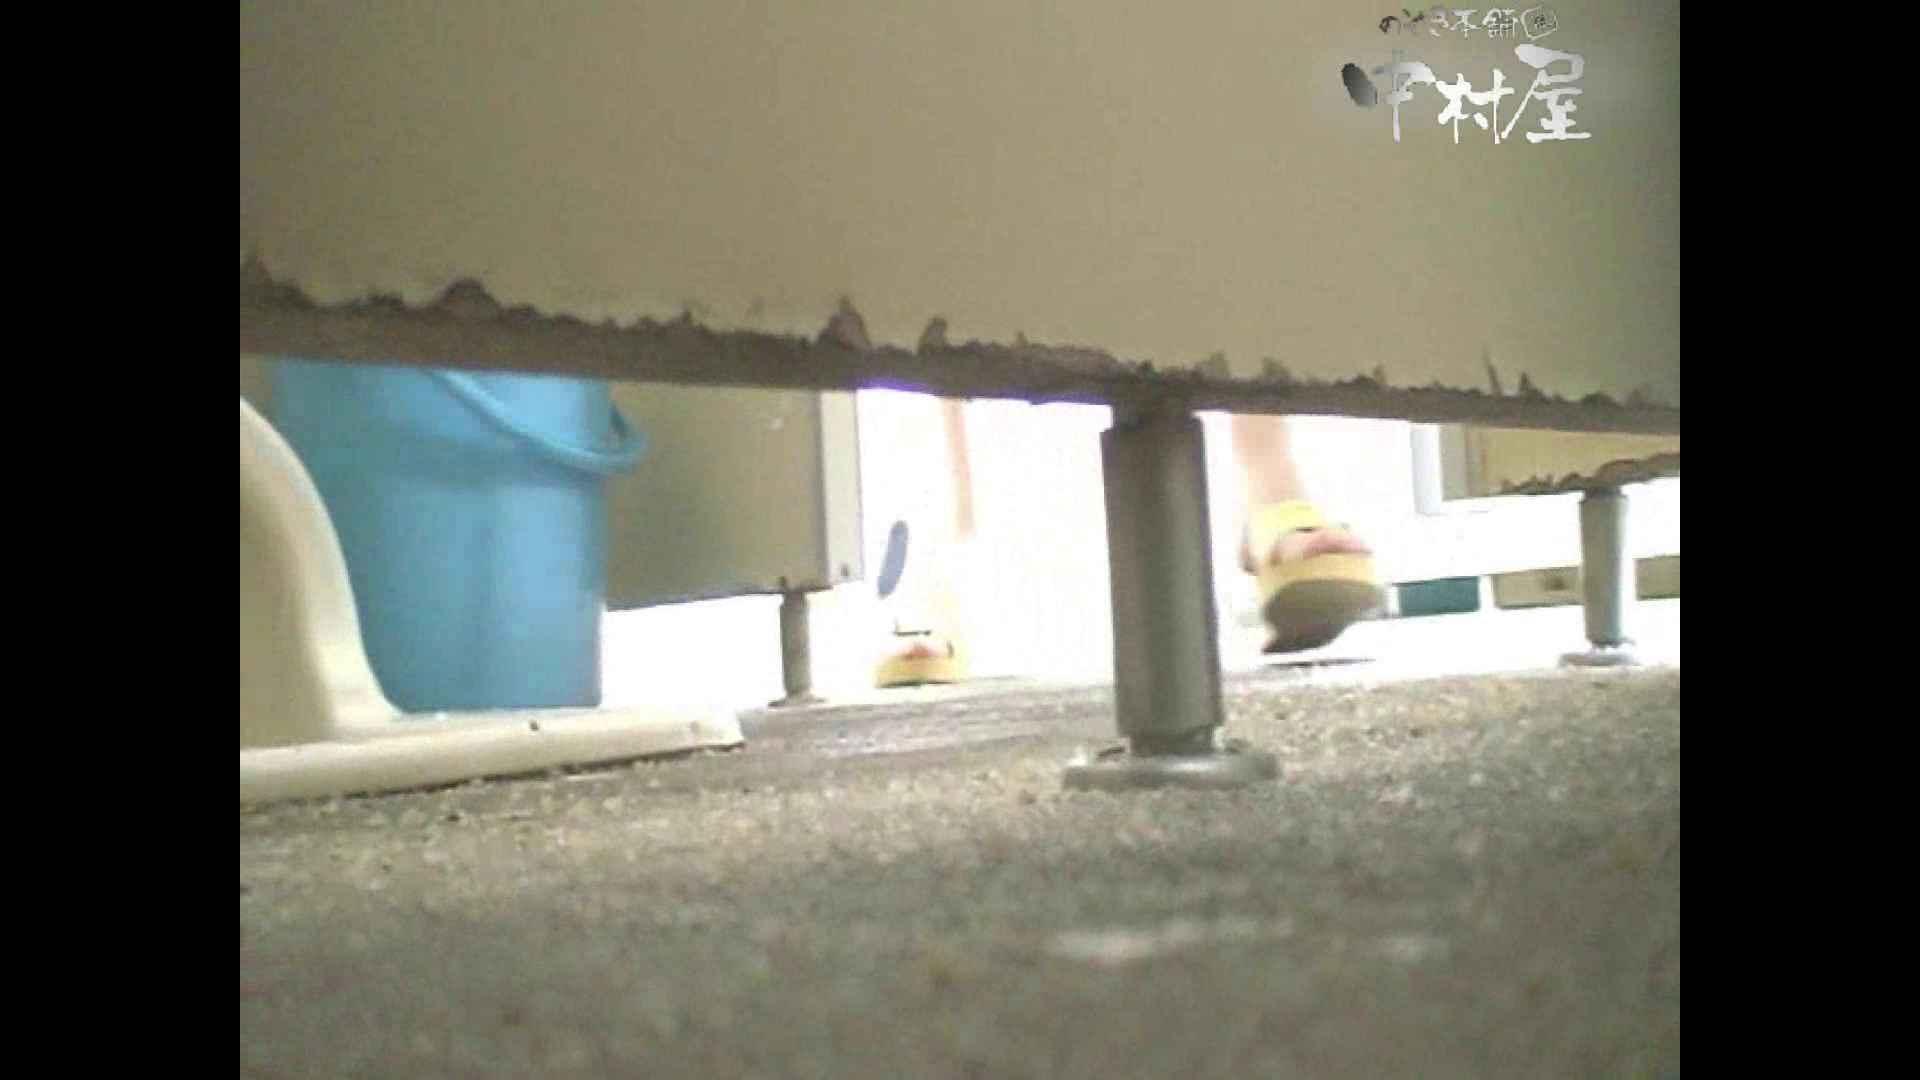 岩手県在住盗撮師盗撮記録vol.17 お姉さんのエロ動画 | 盗撮シリーズ  87PIX 1